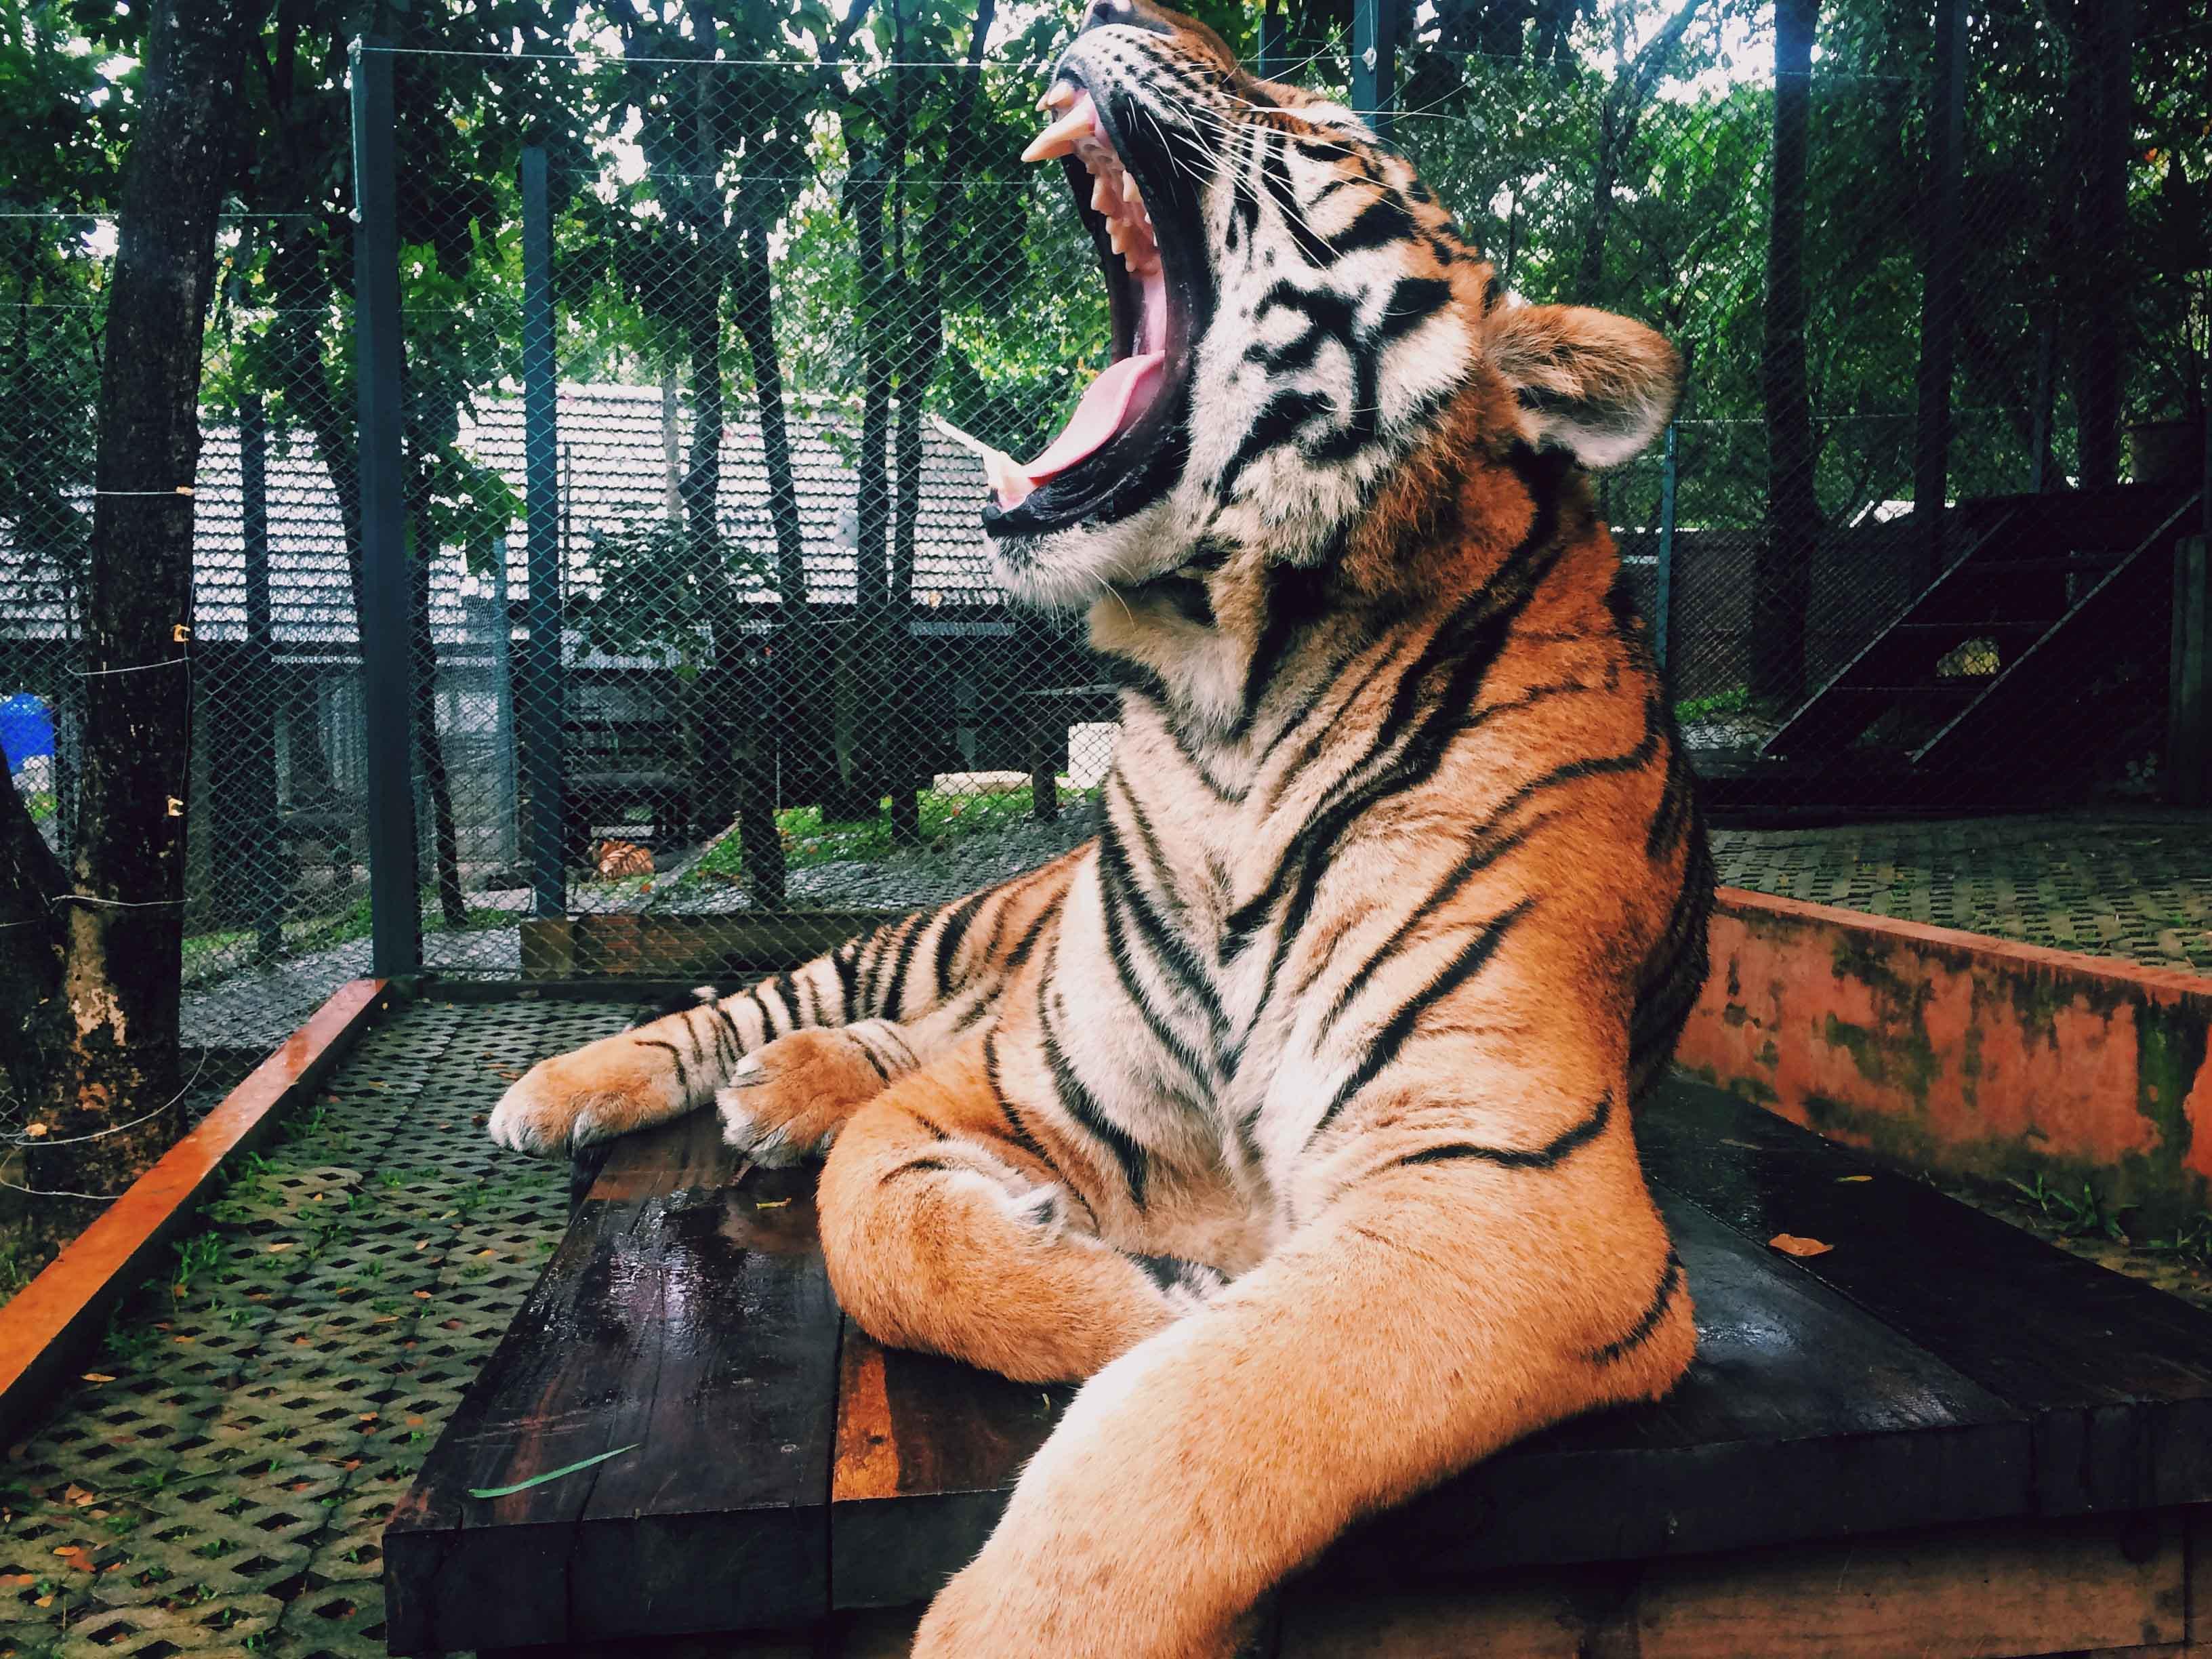 Tigre bostezando en entorno de zoológico